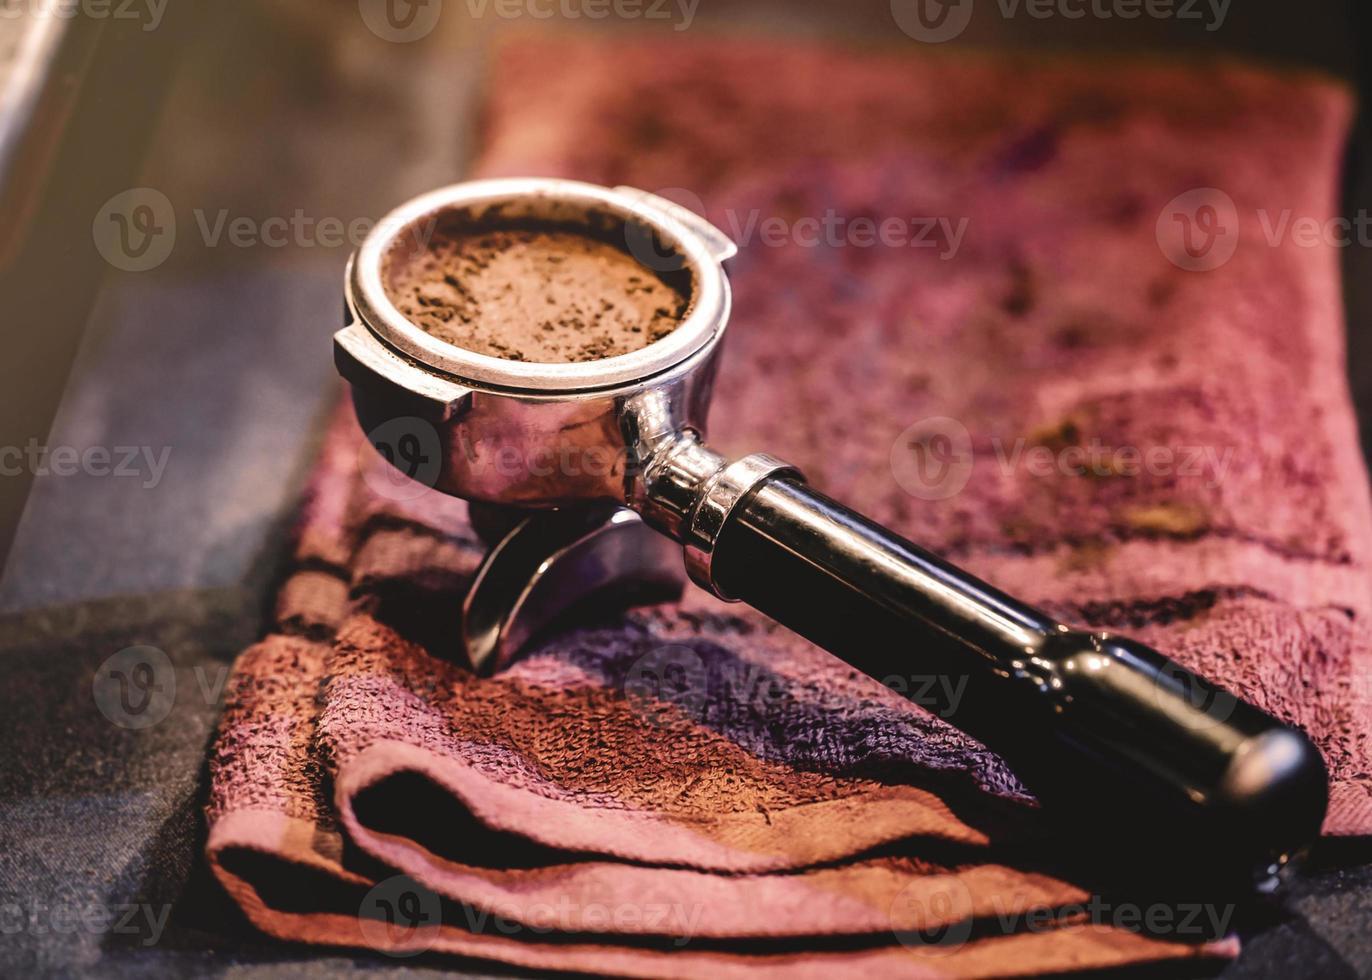 máquina de café expresso fazendo café foto